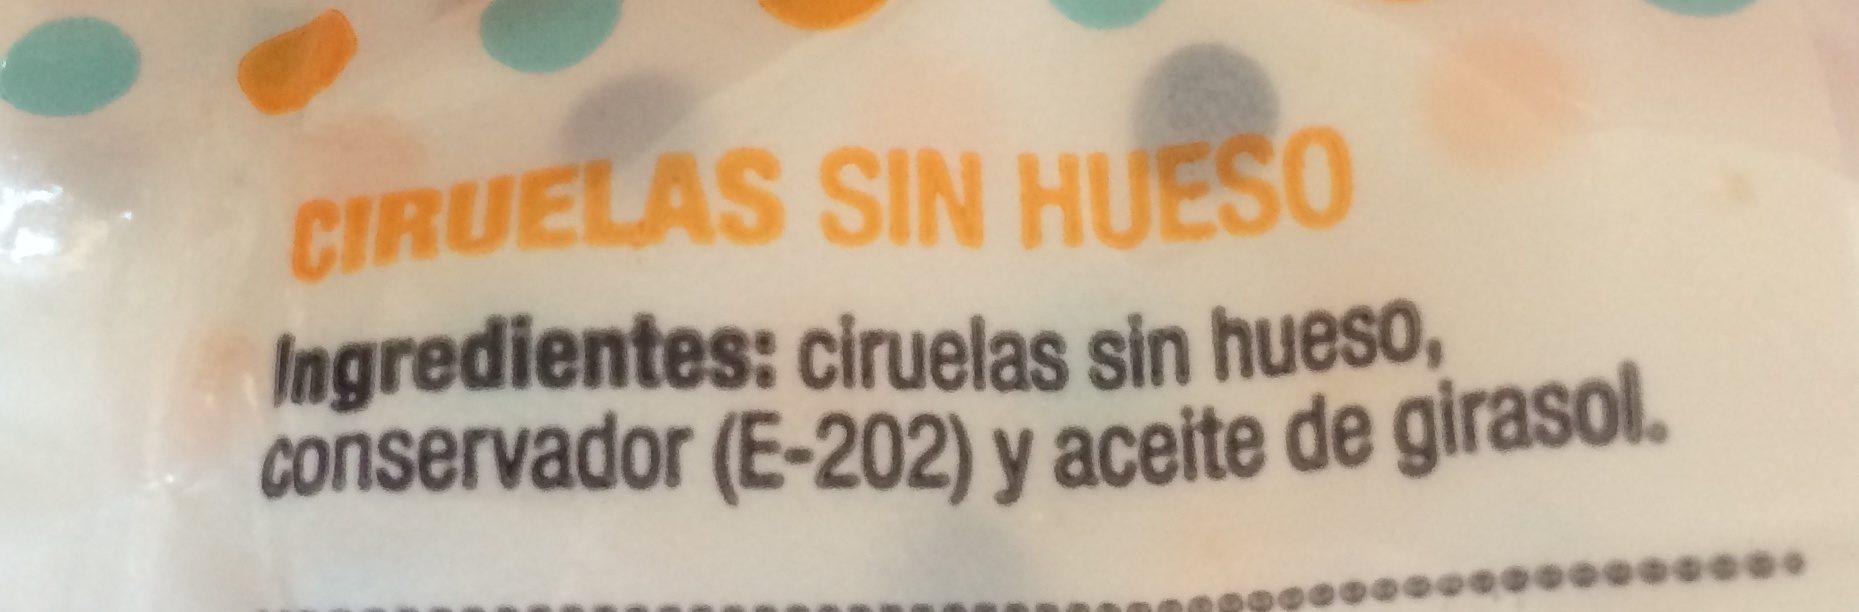 Ciruelas Desecadas Sin Hueso - Ingrediënten